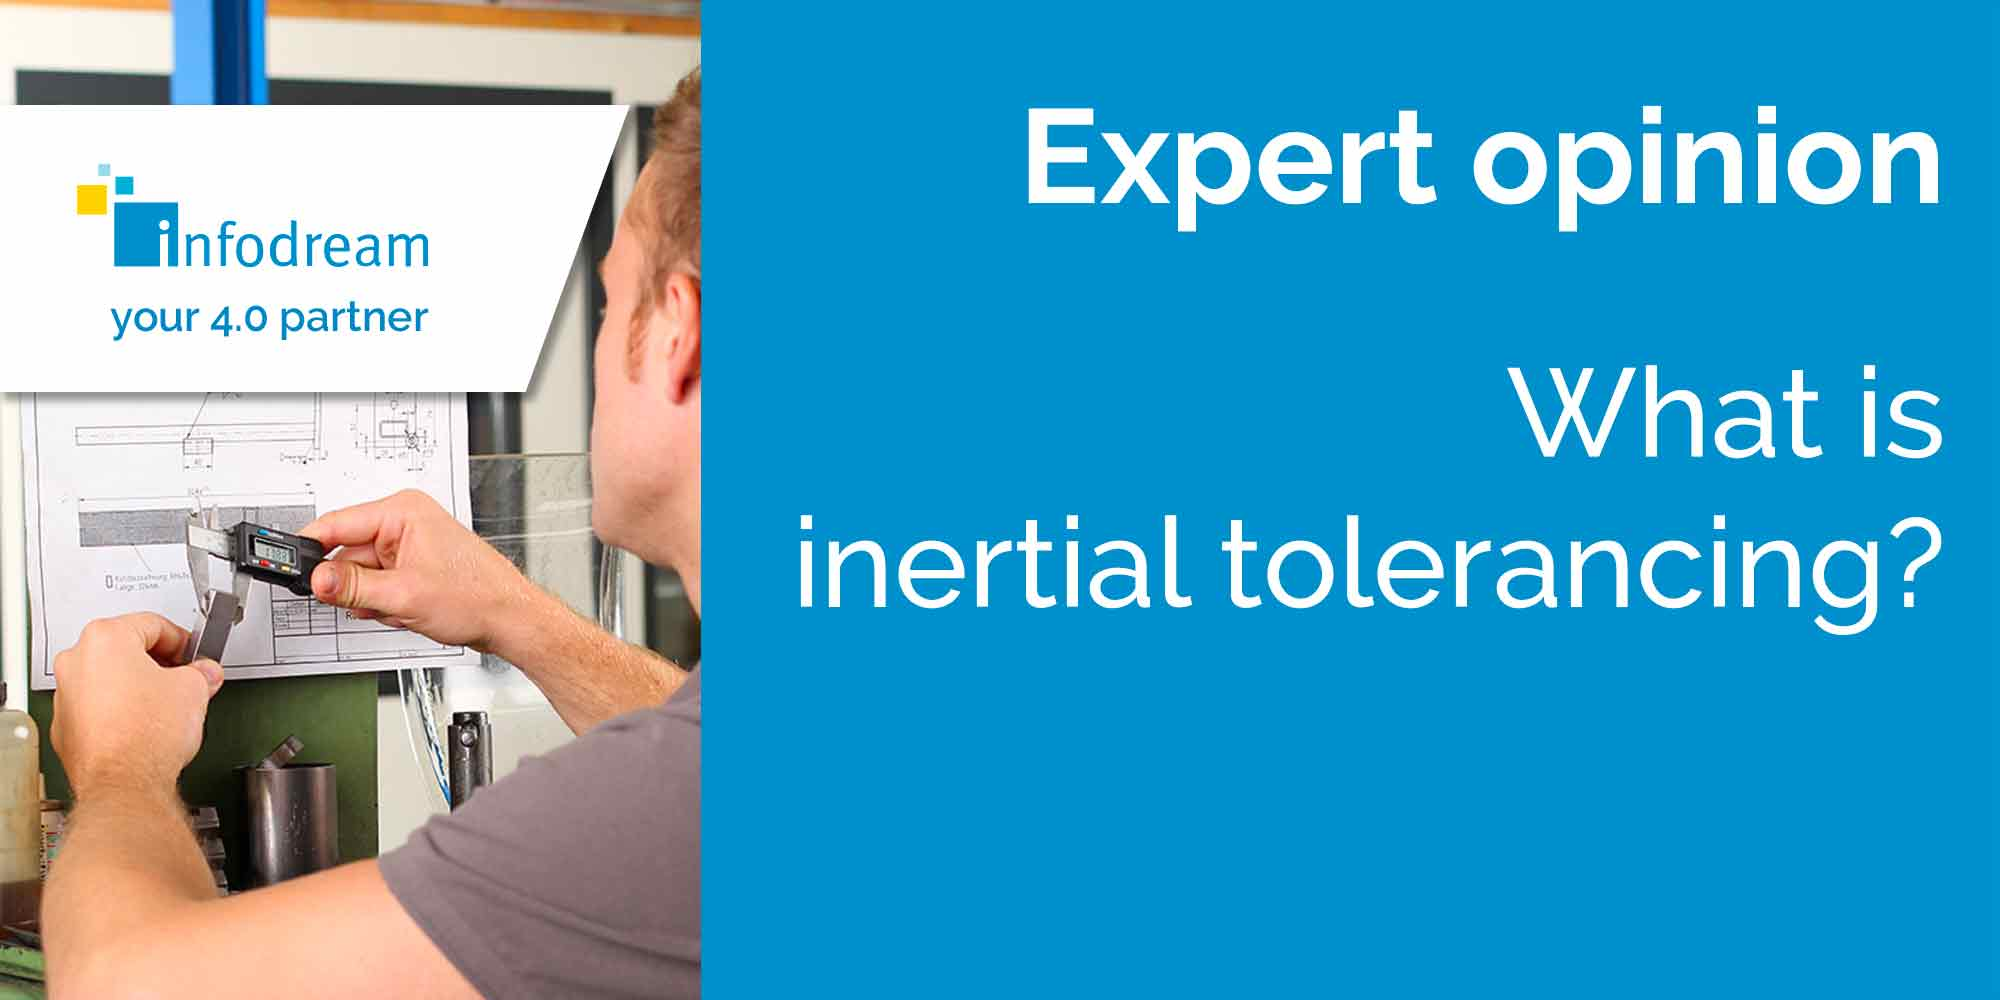 What Is Inertial Tolerancing?